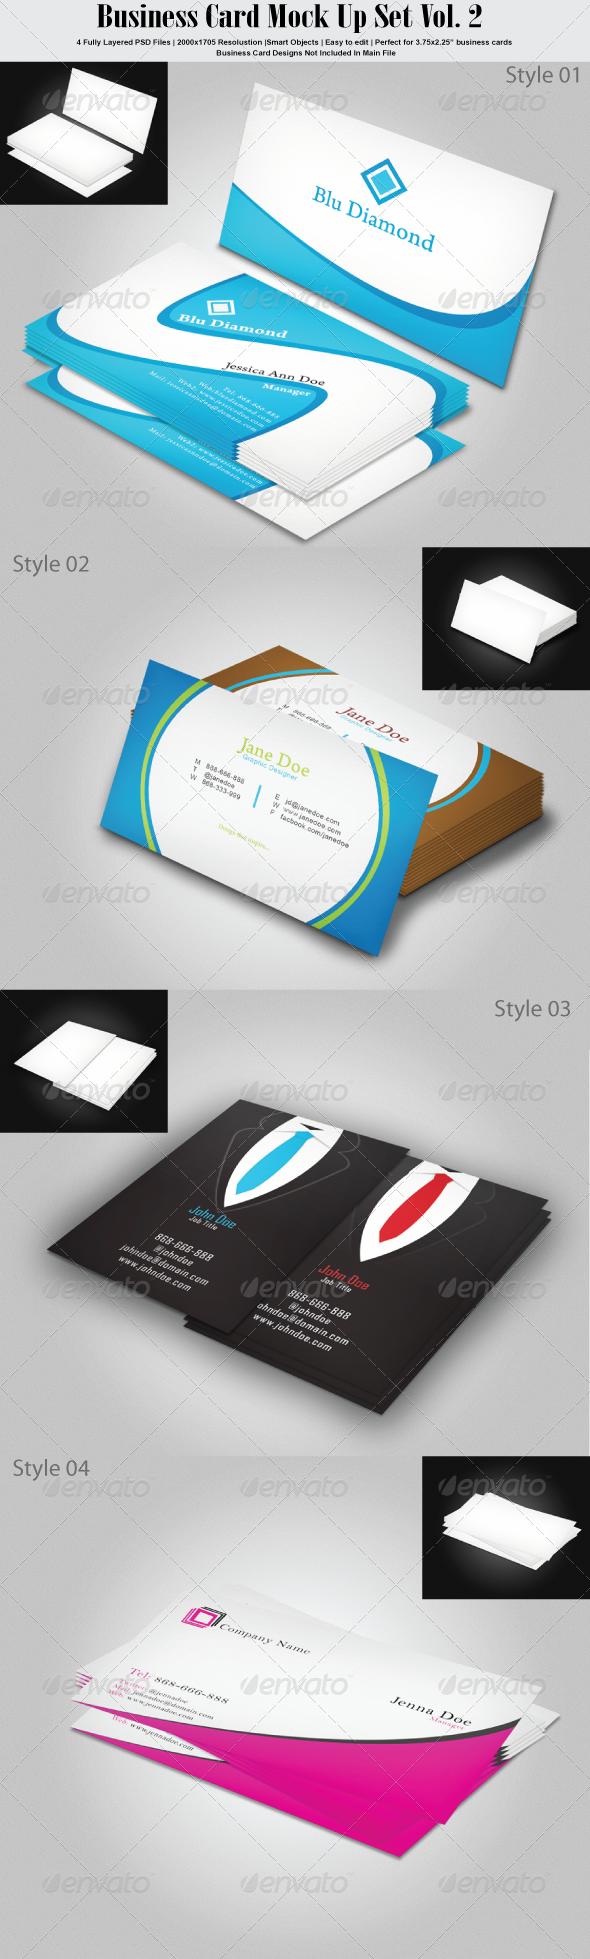 GraphicRiver Business Card Mock Up Set Vol 2 6812436